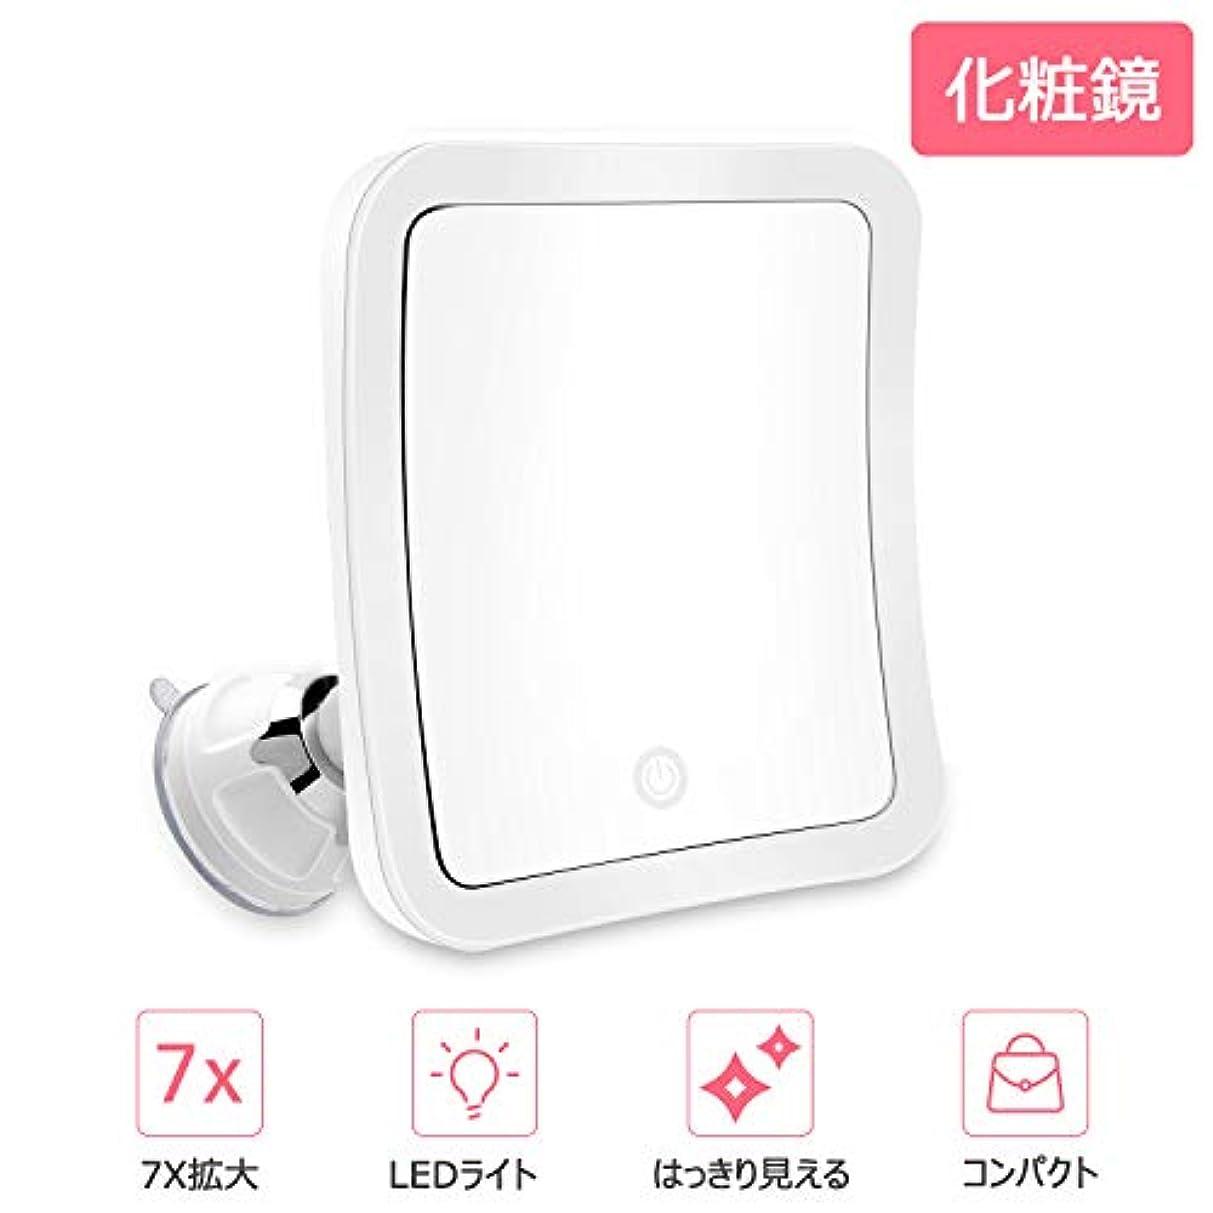 槍戸惑う安全性LED化粧鏡 7倍拡大鏡 浴室鏡 毛穴 卓上化粧ミラー 360度回転 明るさ調節可能 壁掛け 吸盤ロック付き 単五電池&USB給電